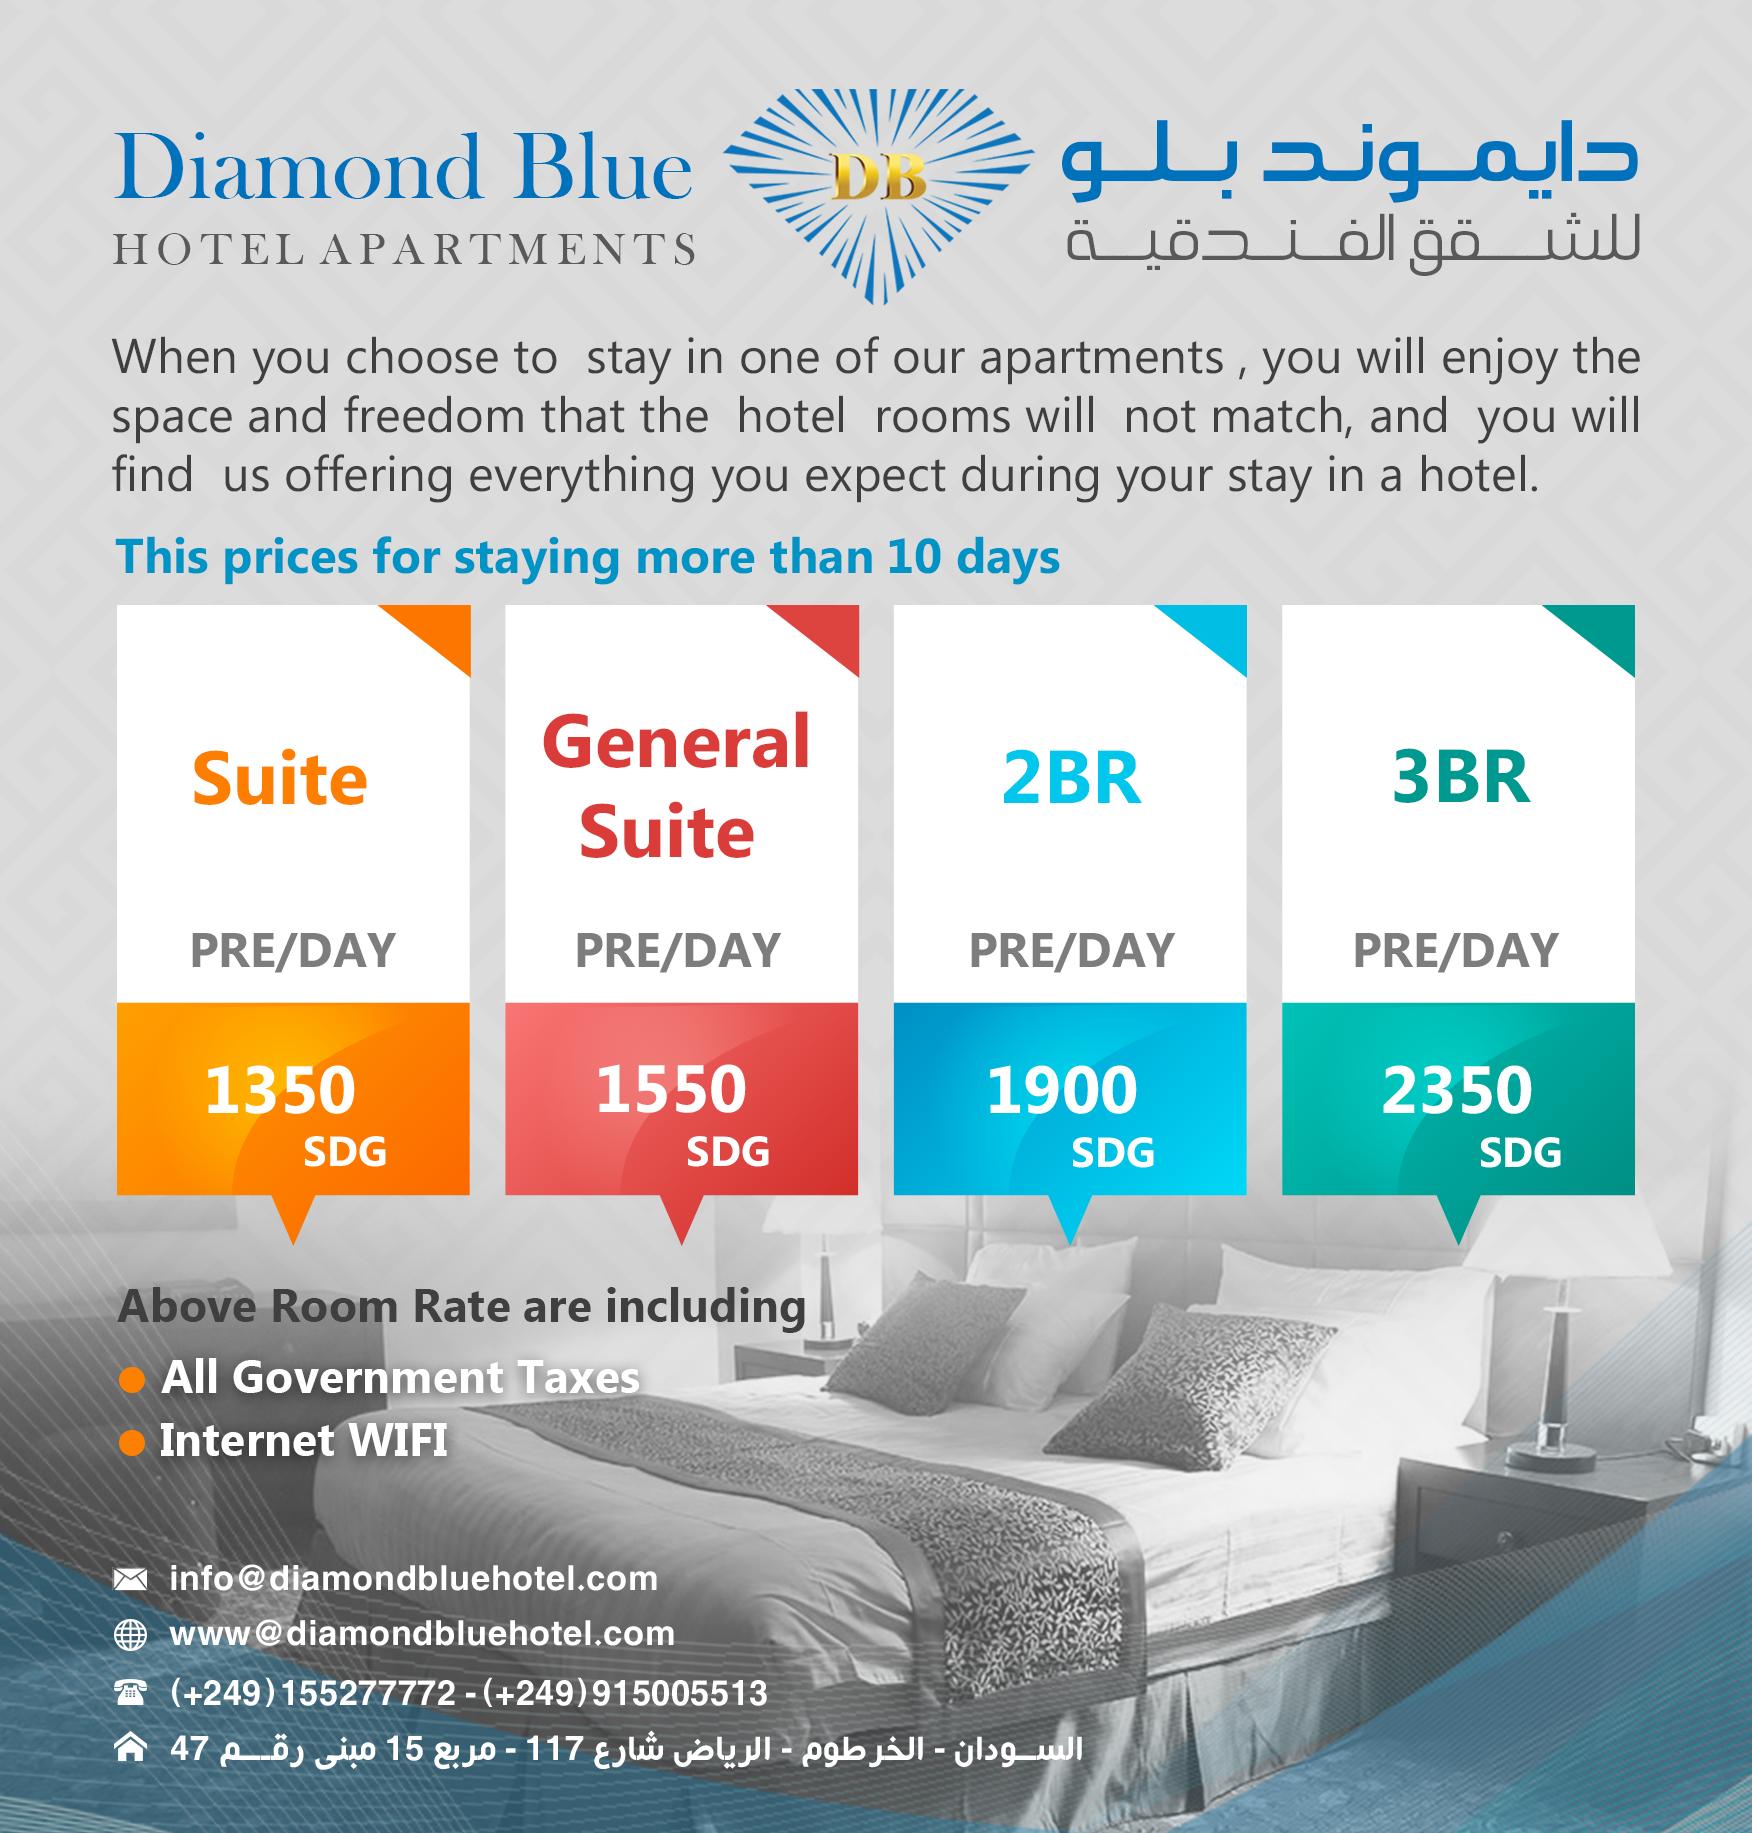 نماذج أعمالنا جرافيك تصميم مواقع الكترونية فيديوهات تسويقية Hotels Room Hotel Enjoyment